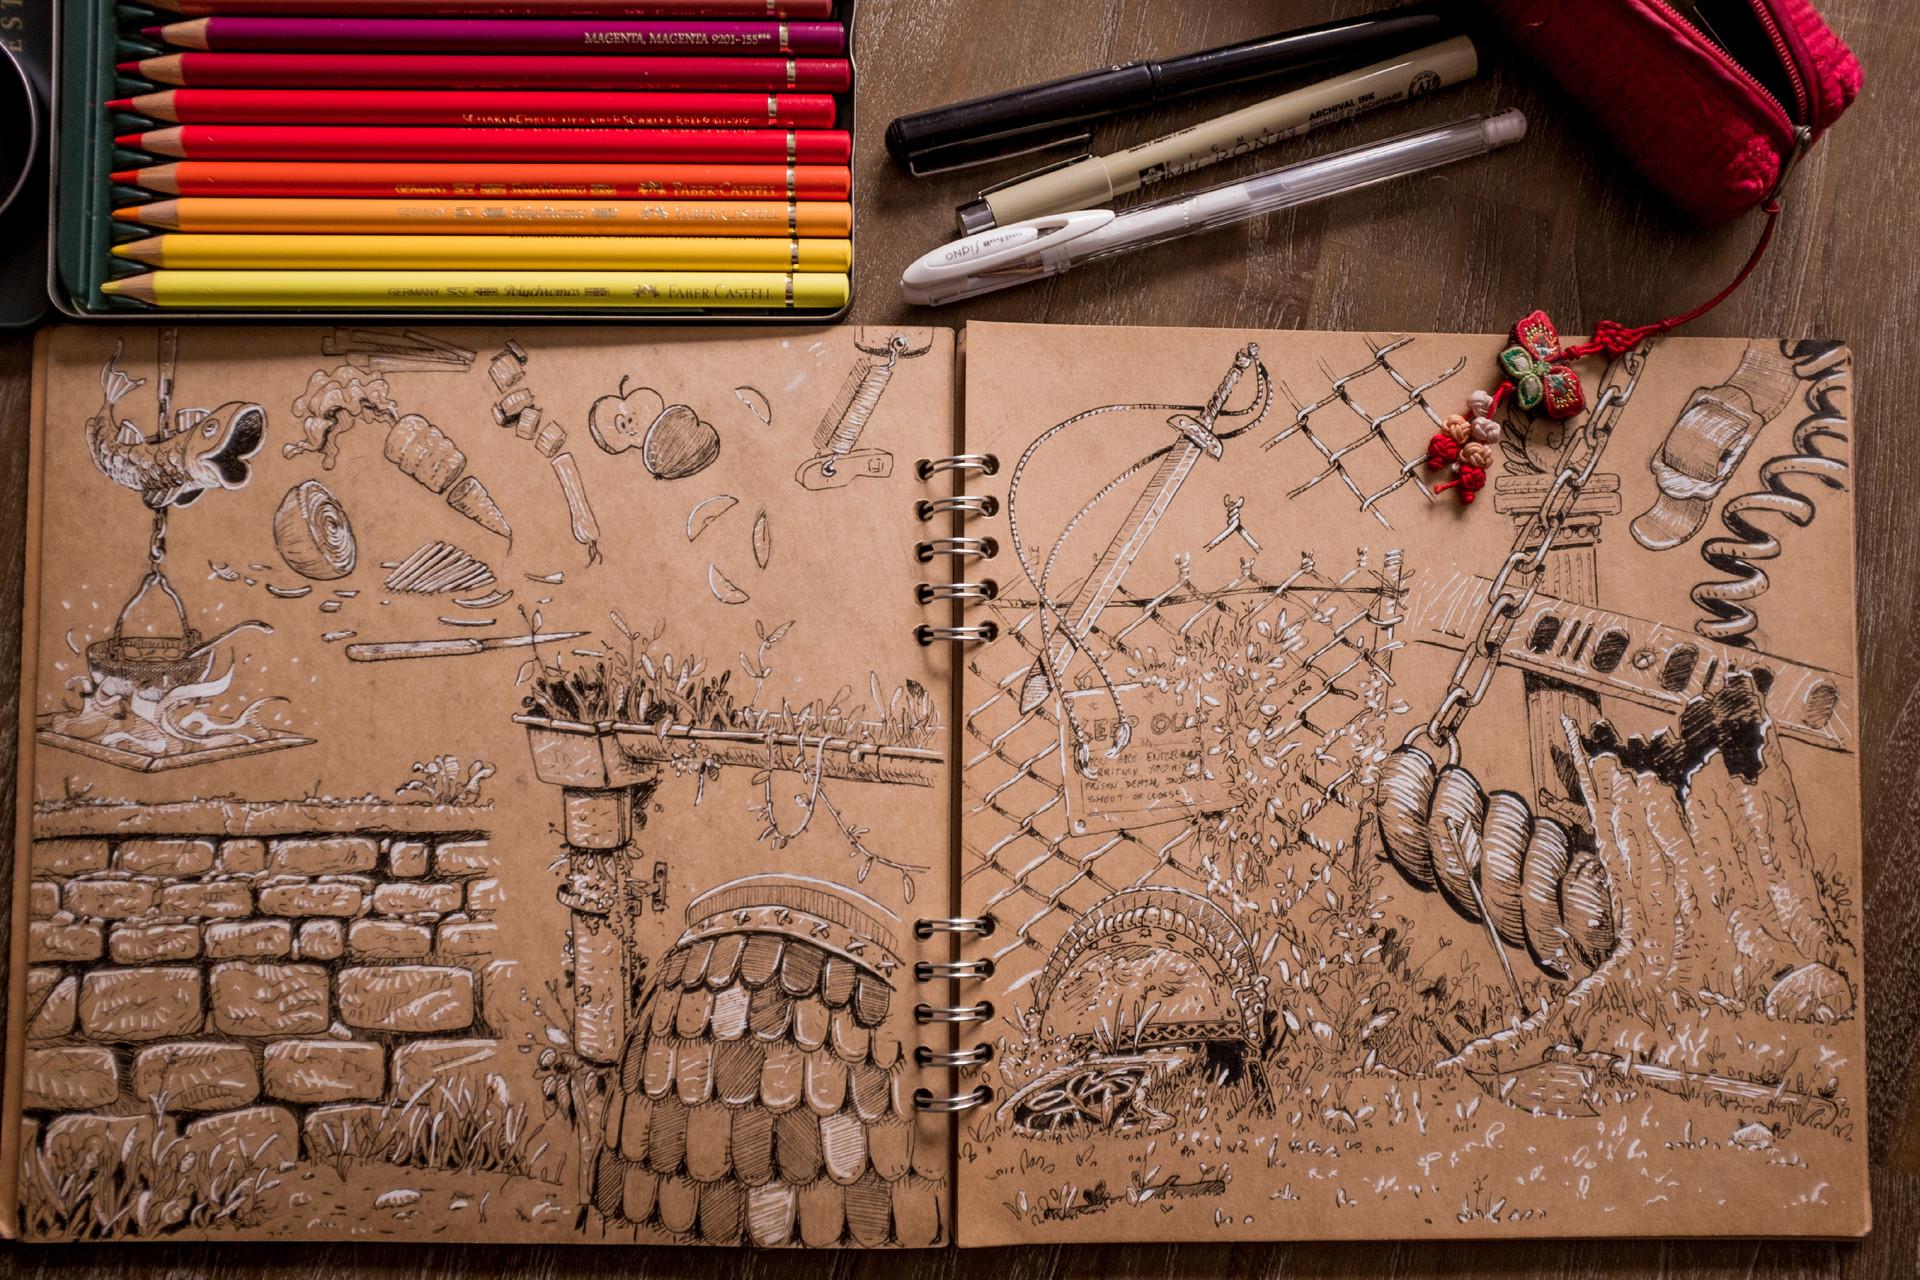 Vincent derozier vincent derozier drawings 4